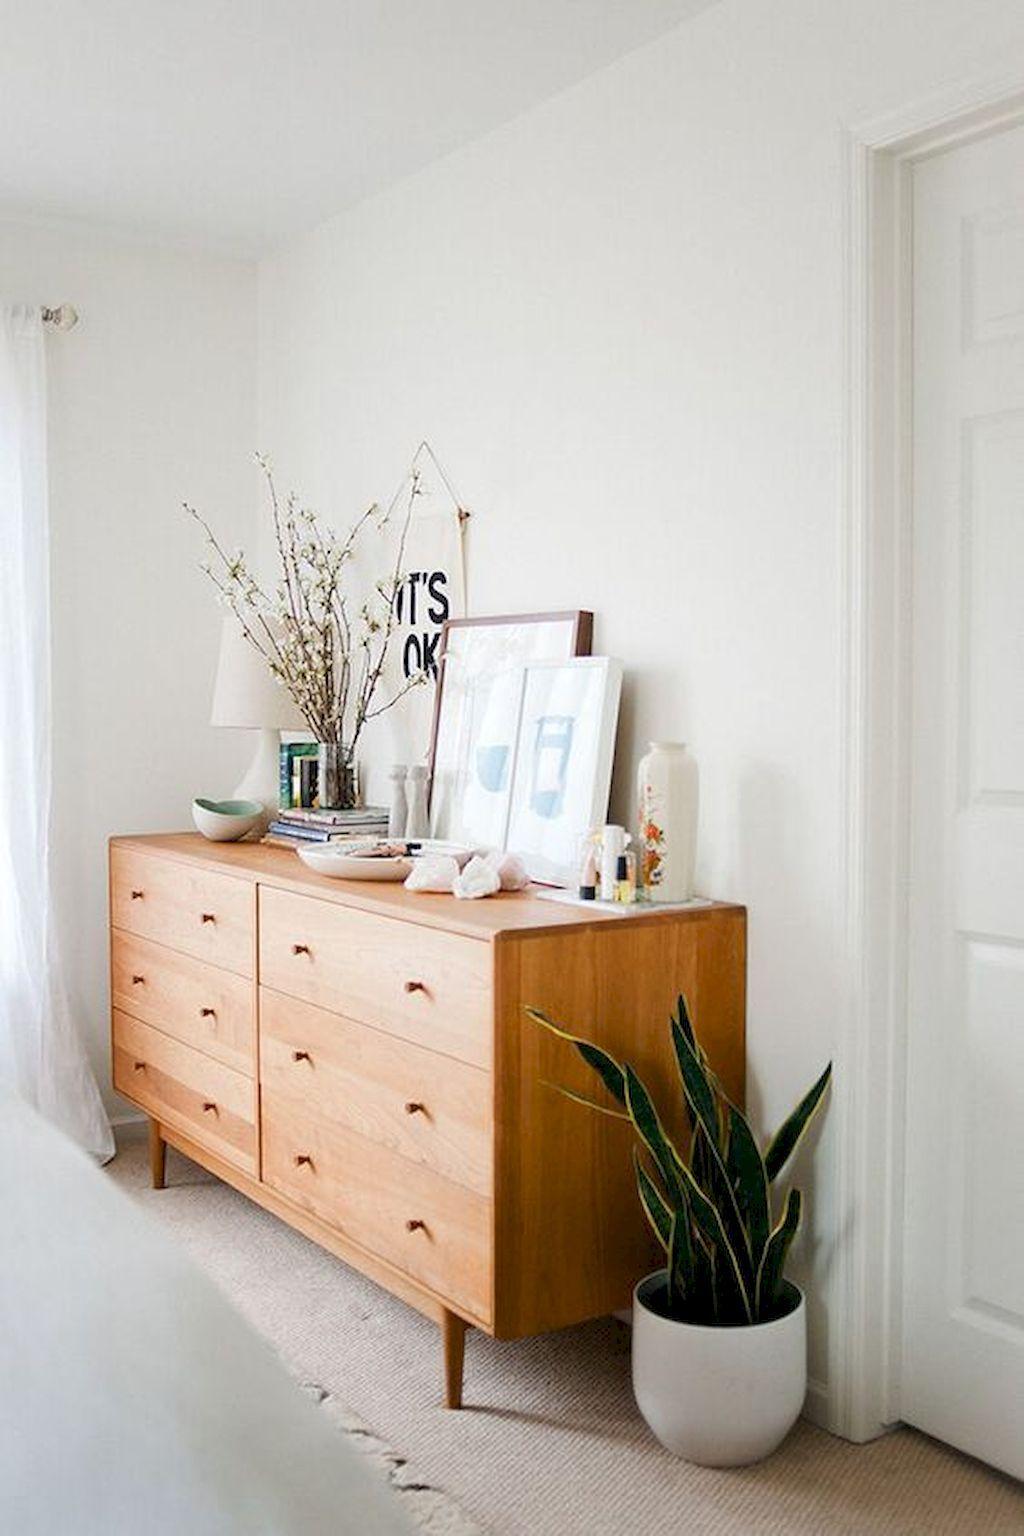 55 simple minimalist apartment decor ideas | minimalist